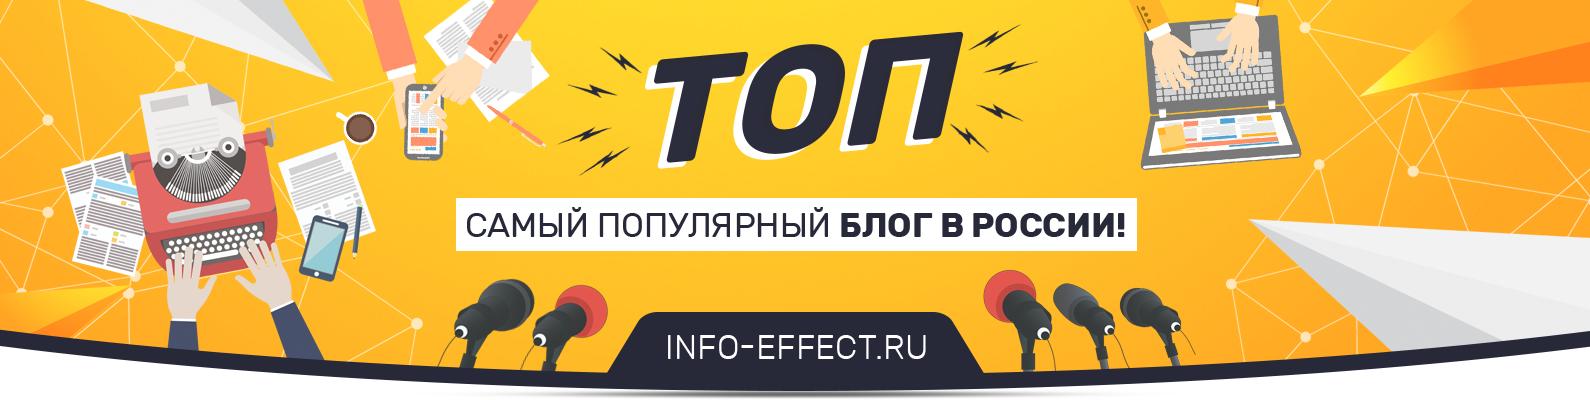 ТОП Блог